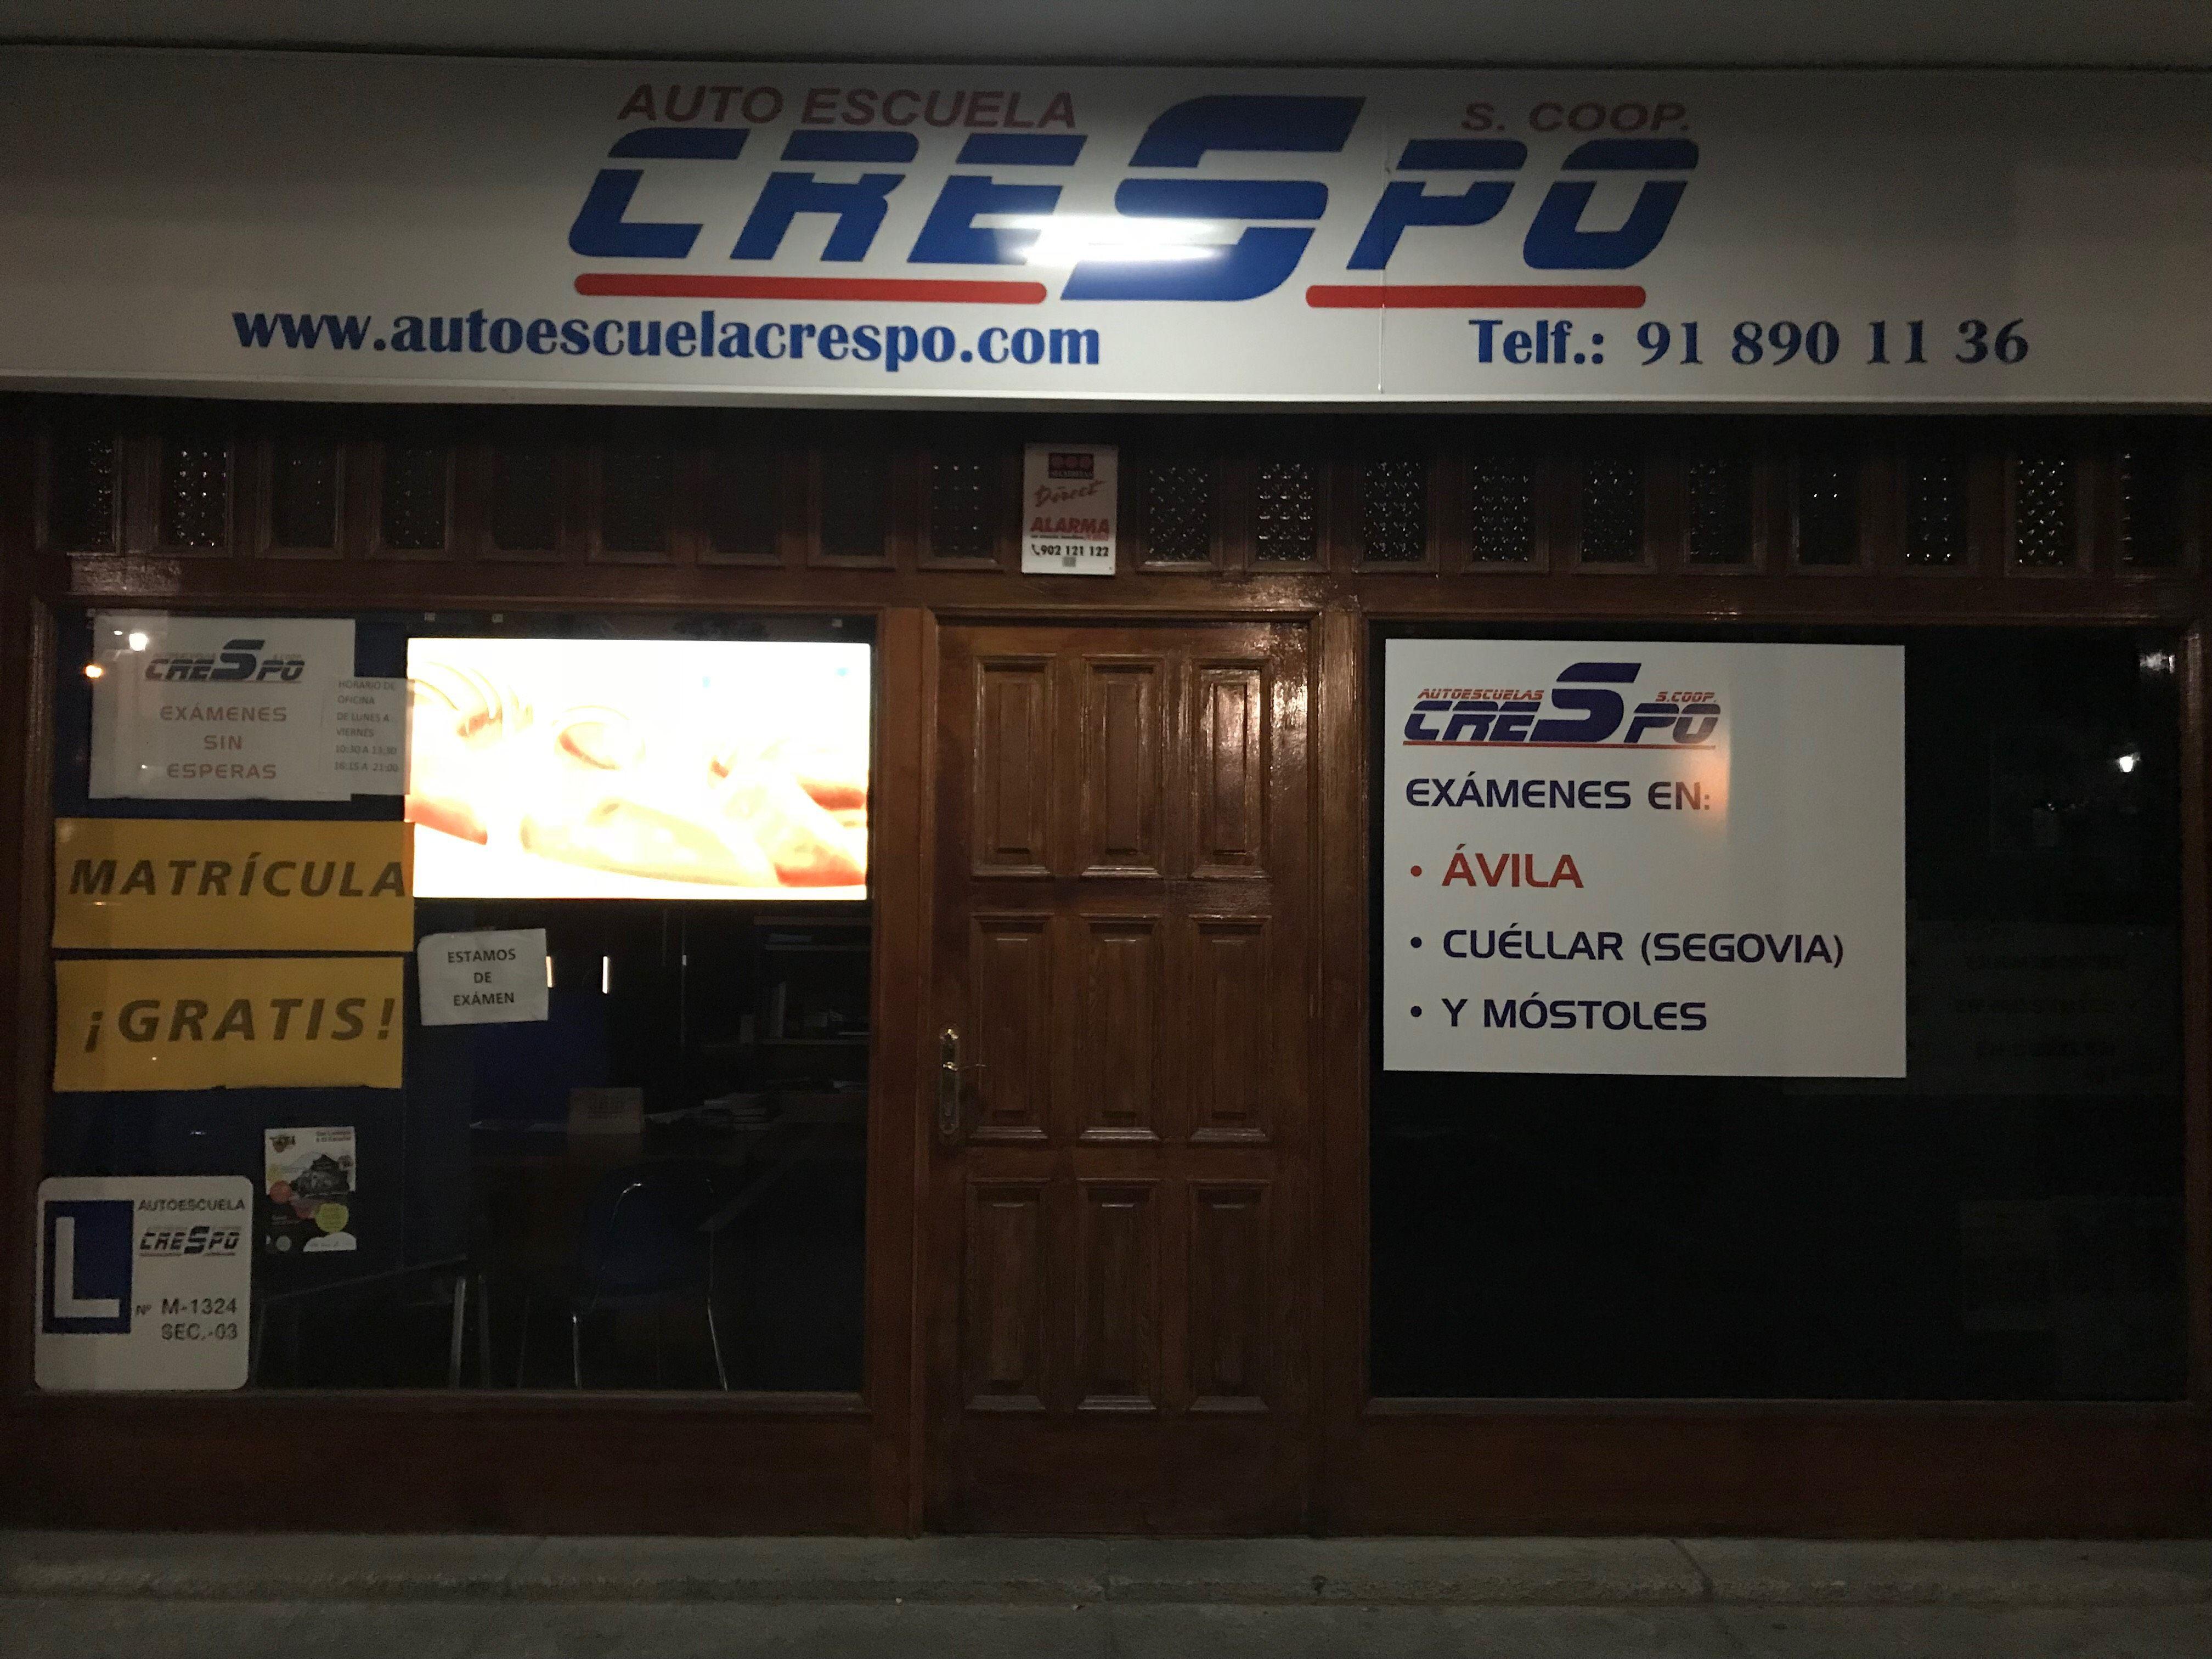 Autoescuela Crespo, enseñanza teórica y práctica